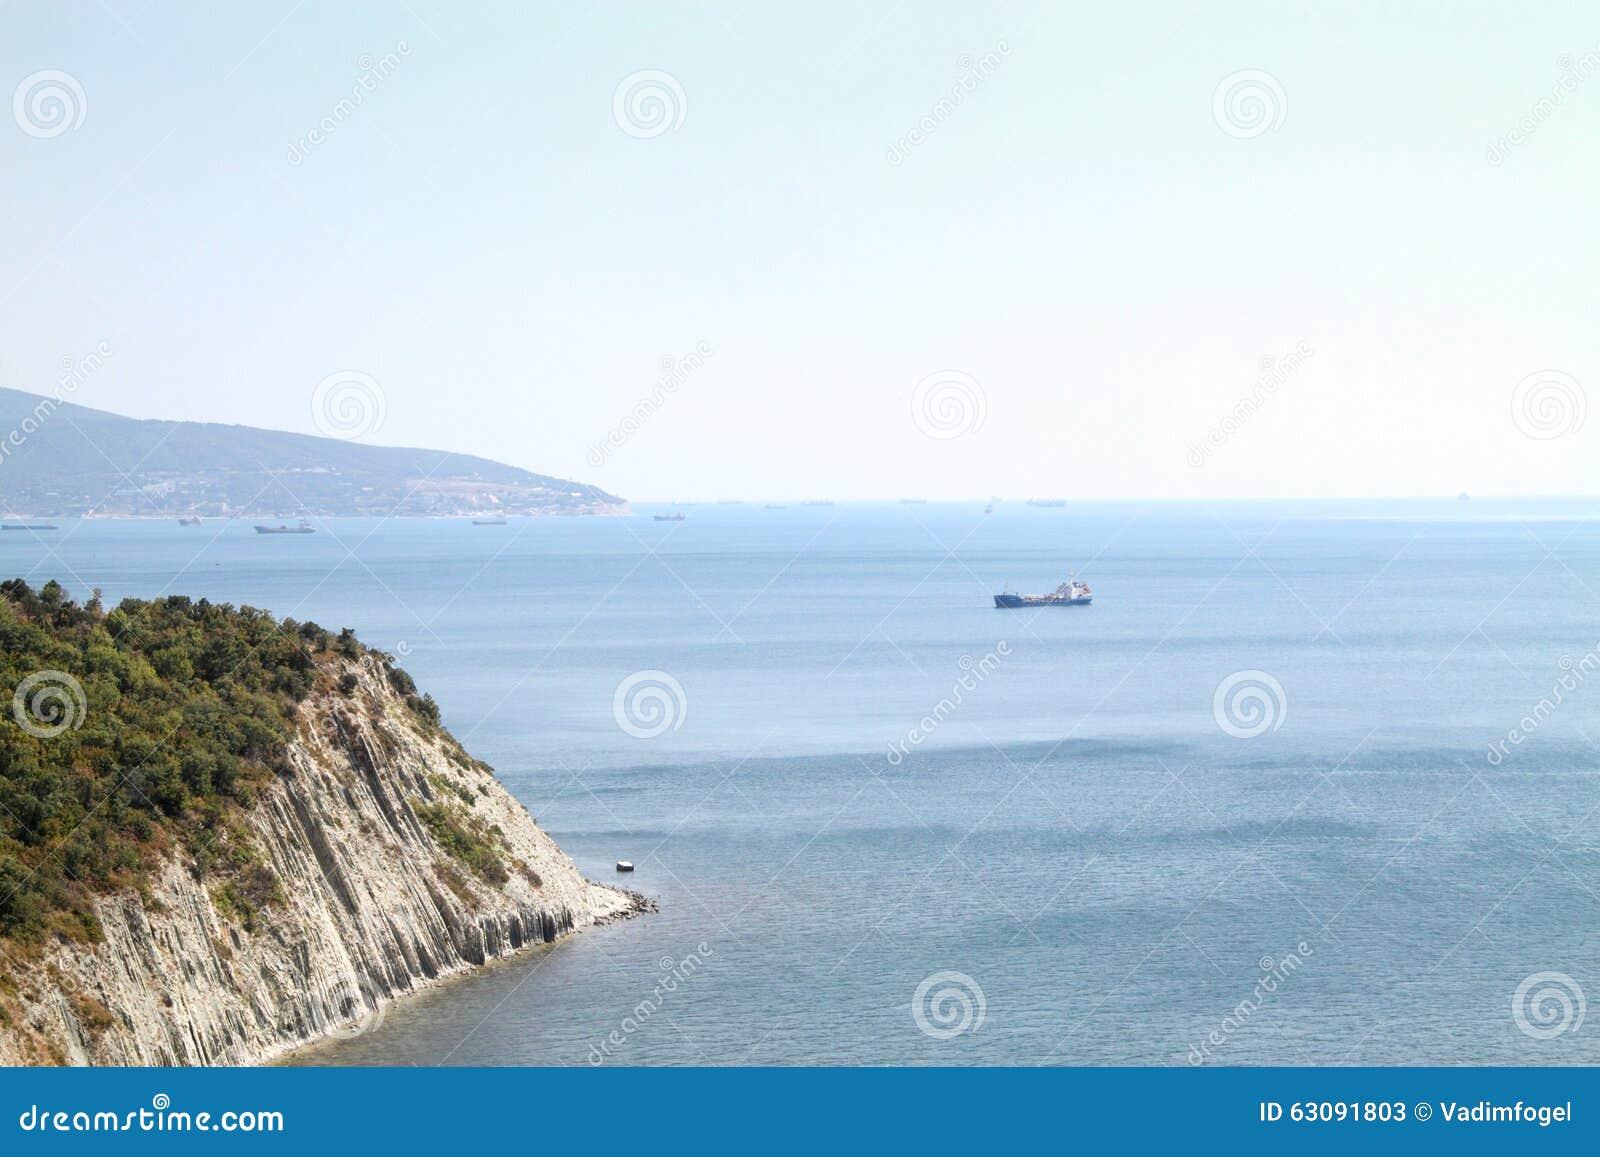 Download Le bateau dans le port image stock. Image du dock, jour - 63091803